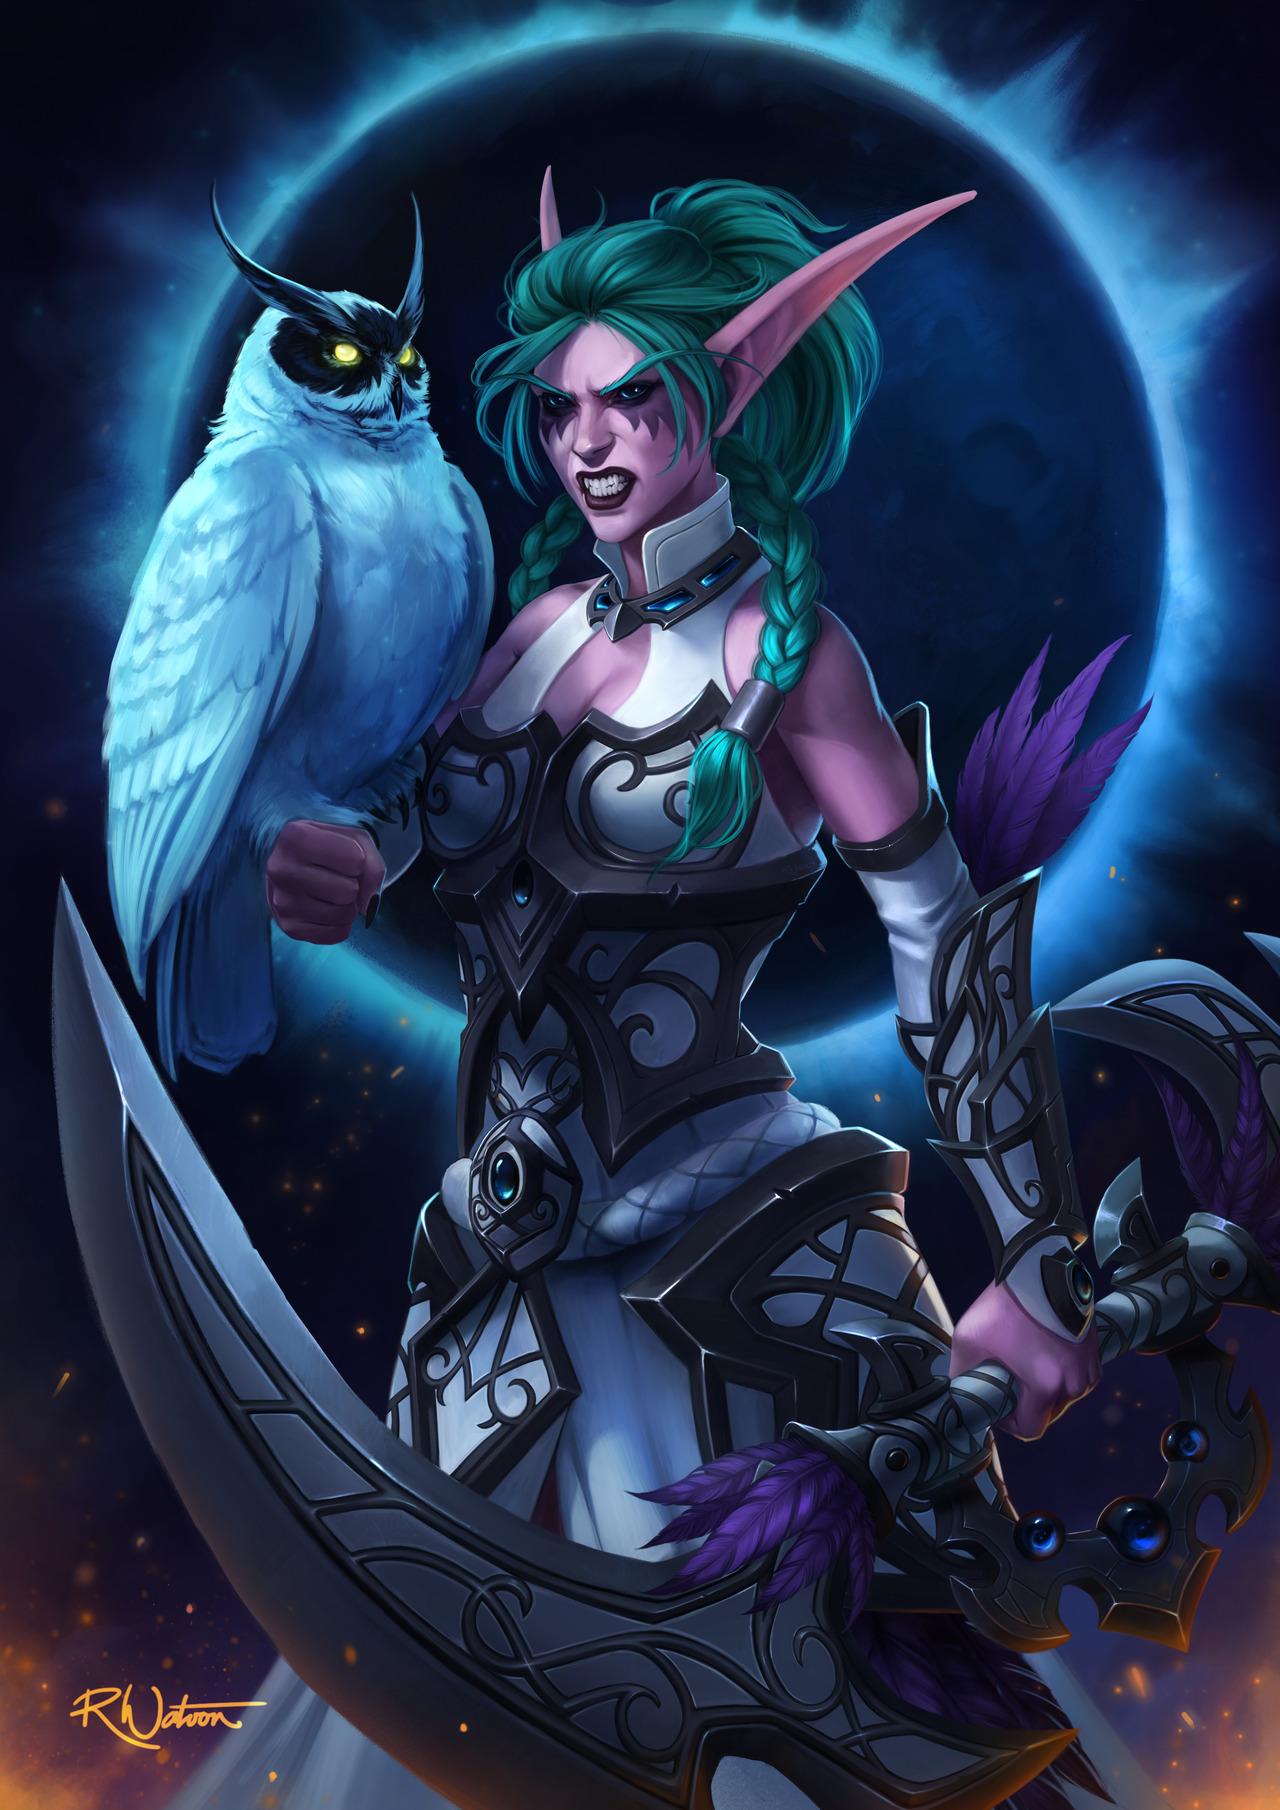 tumblr_ppb2v2SCYv1si33qco1_1280.jpg - World of Warcraft